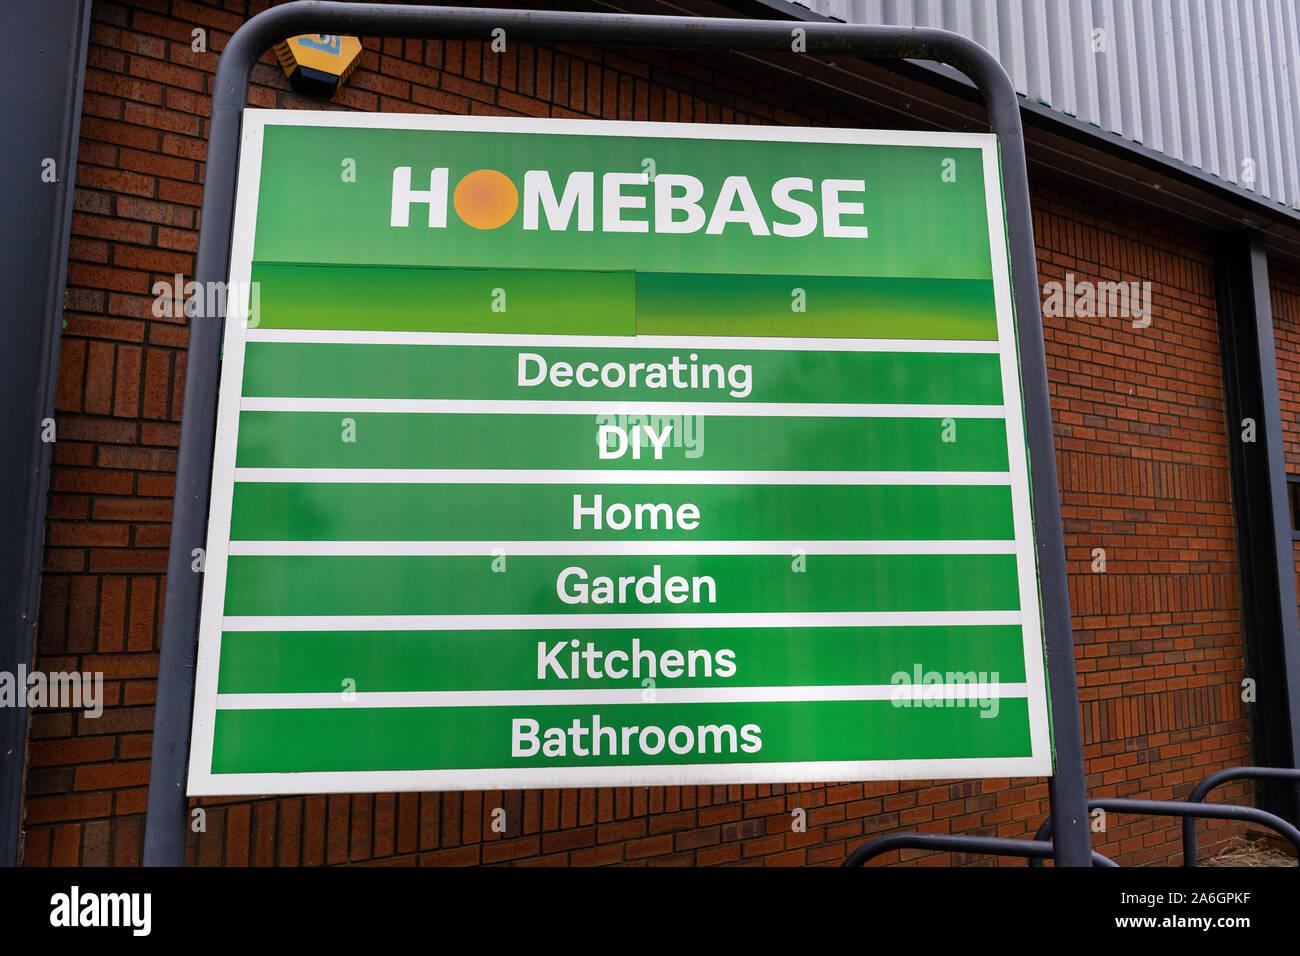 Homebase Diy Home And Garden Shop Stock Photos Homebase